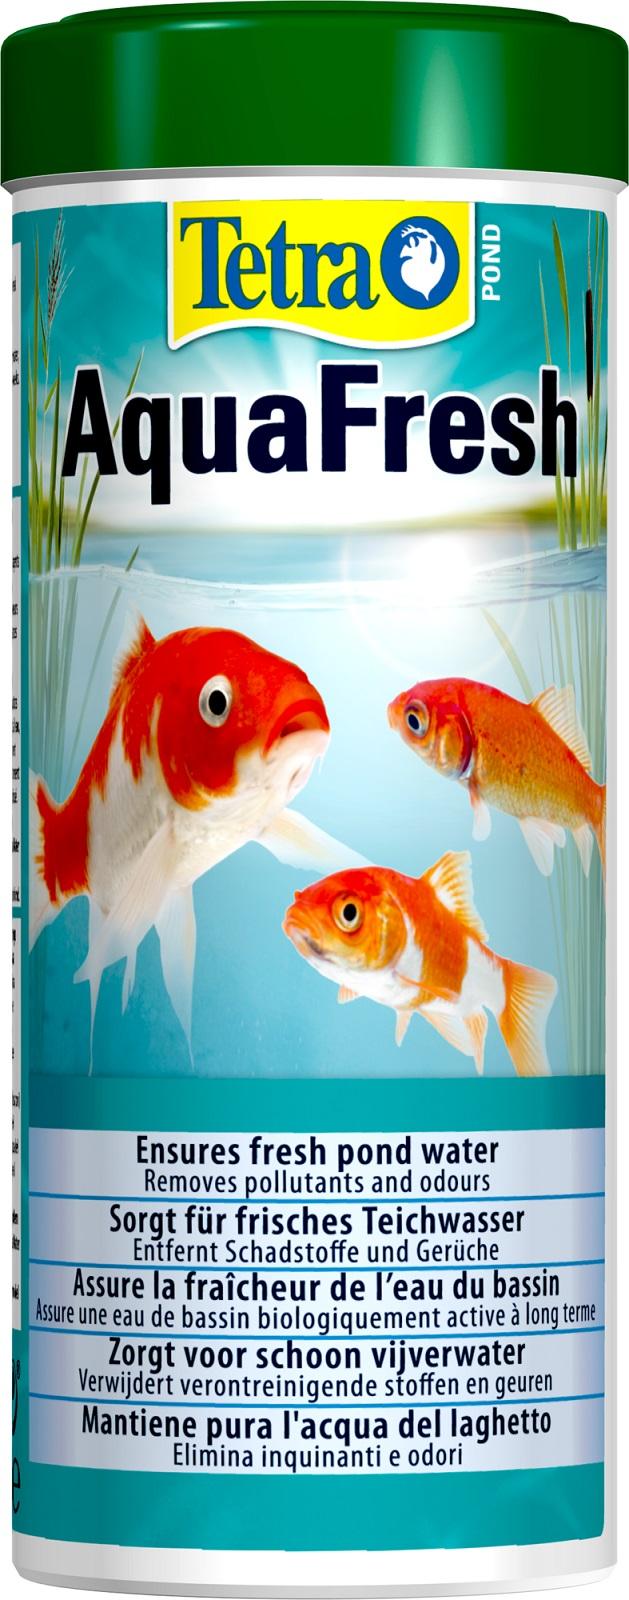 Tetra Pond Aqua Fresh 300 ml für biologisch  aktives Teichwasser